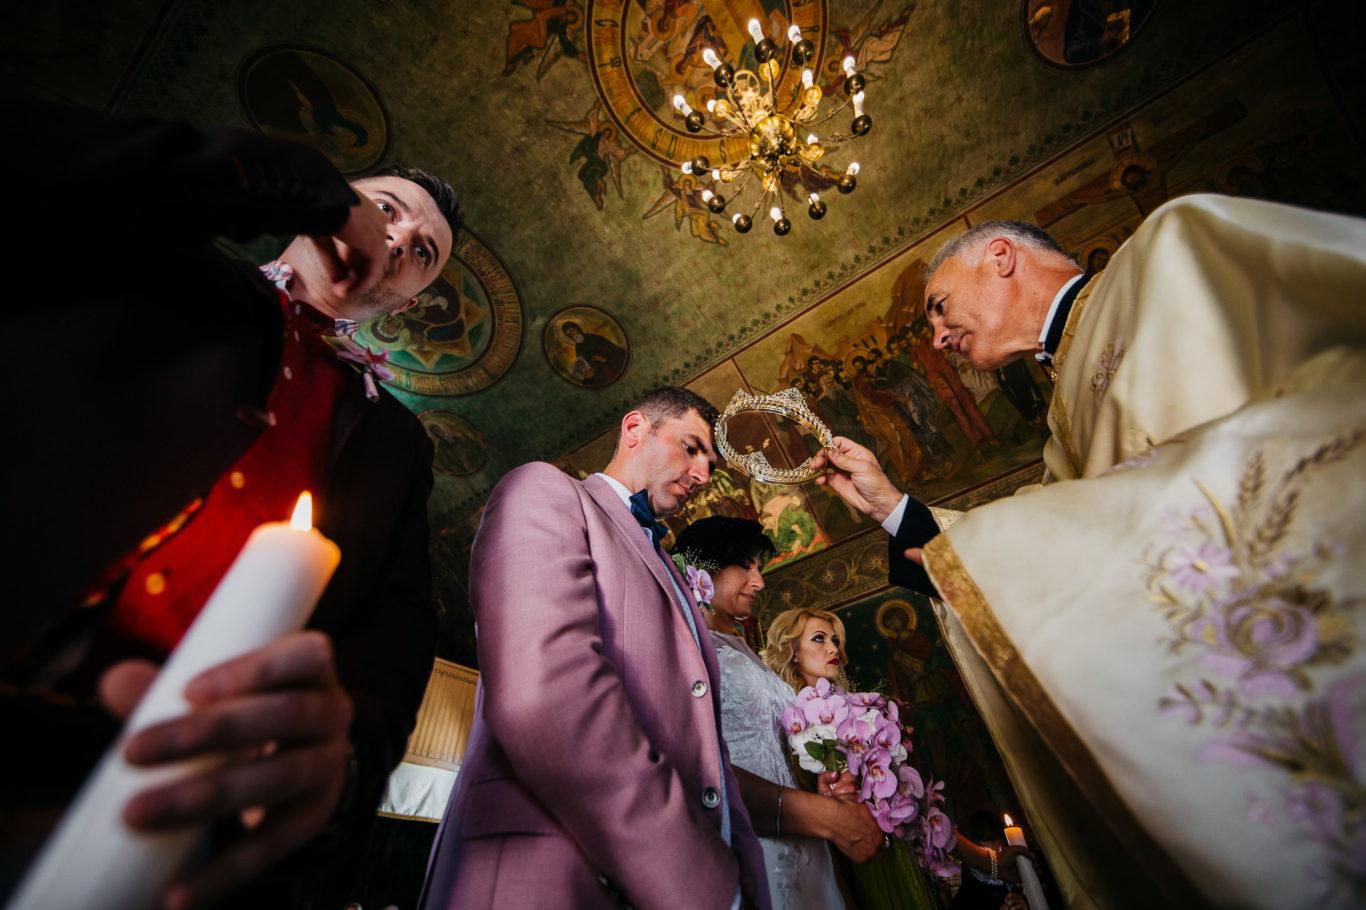 0158-fotografie-nunta-valea-de-pesti-vero-dani-fotograf-ciprian-dumitrescu-dc1_0656